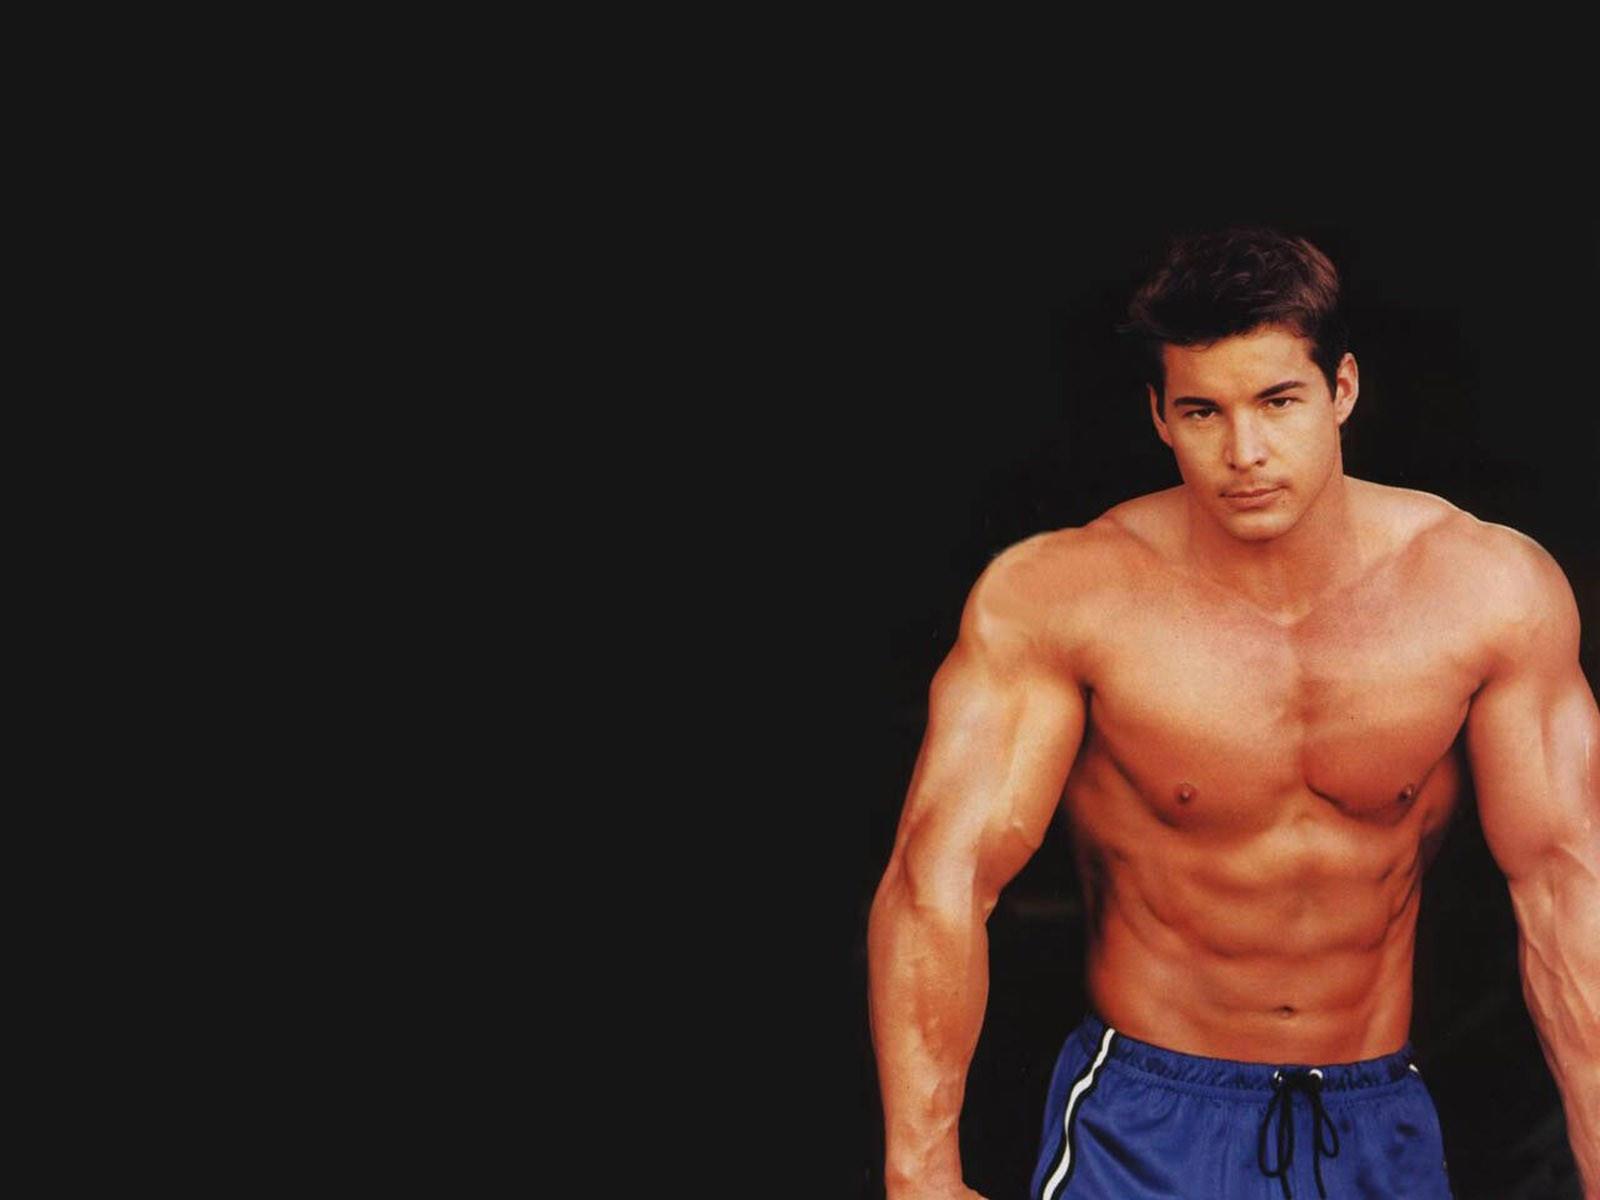 Мускулистый мужчина на великолепном фото